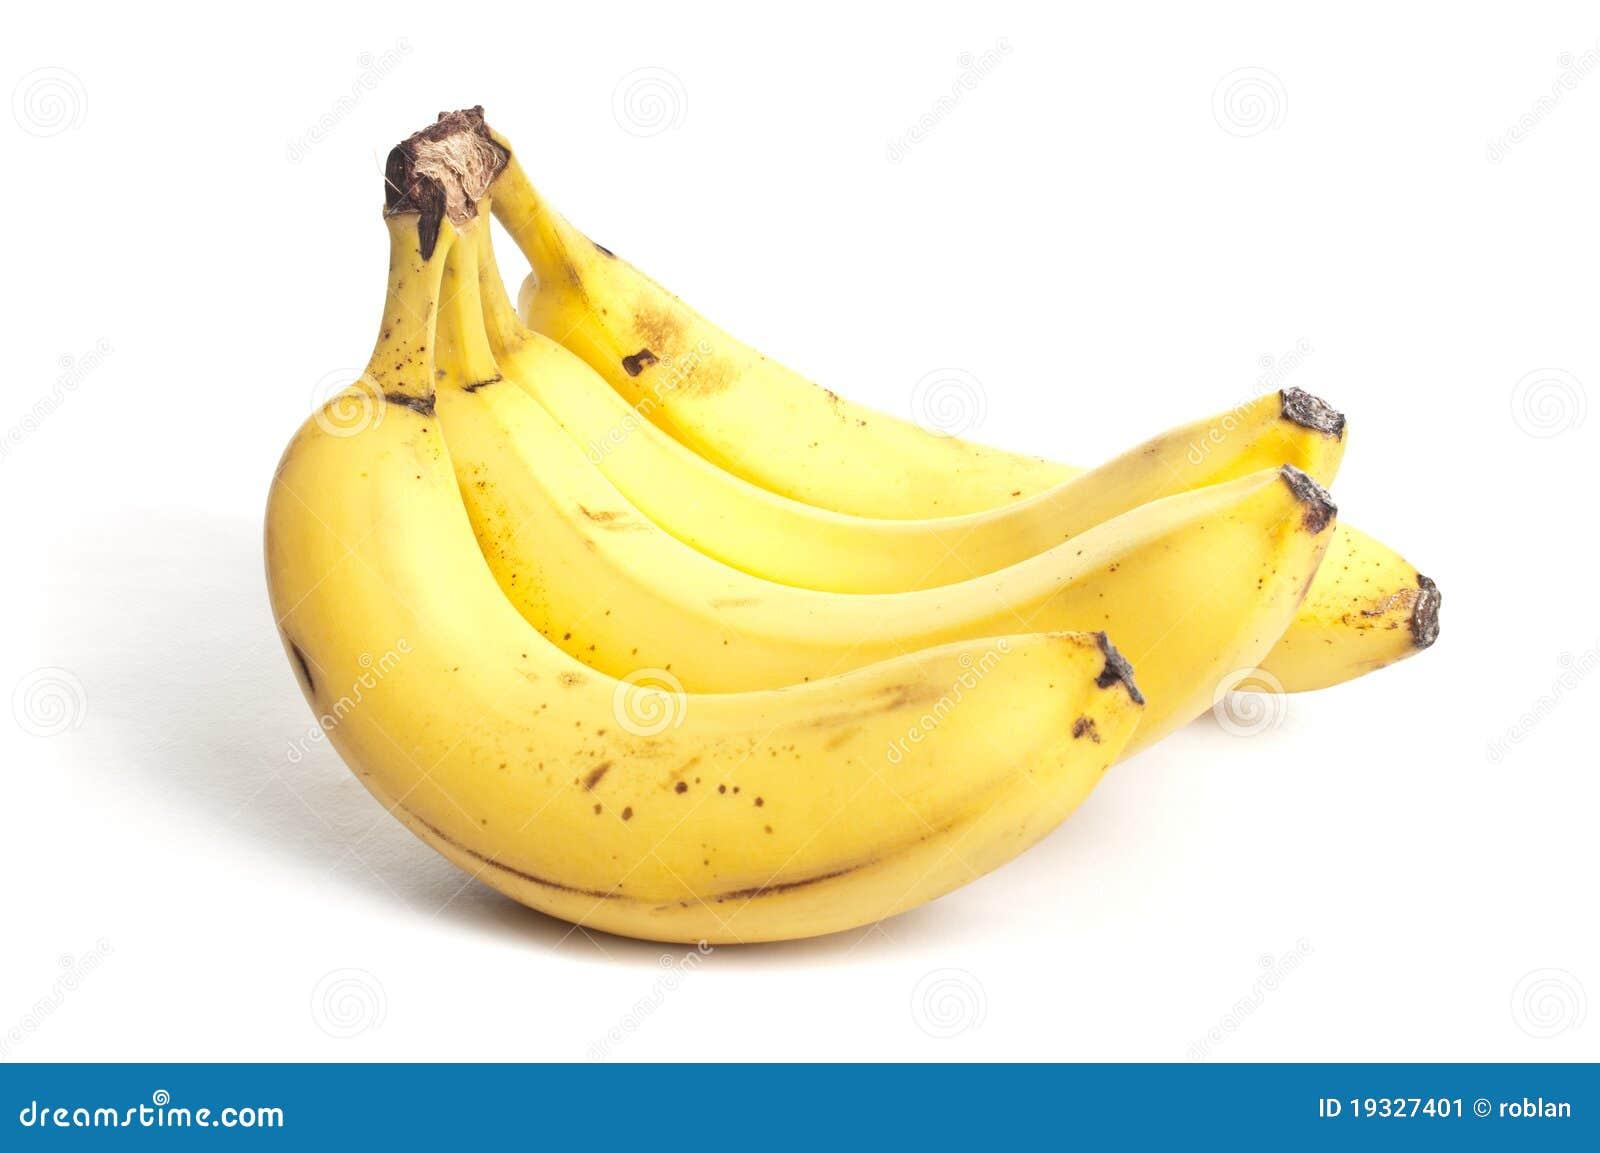 how to keep banana on table